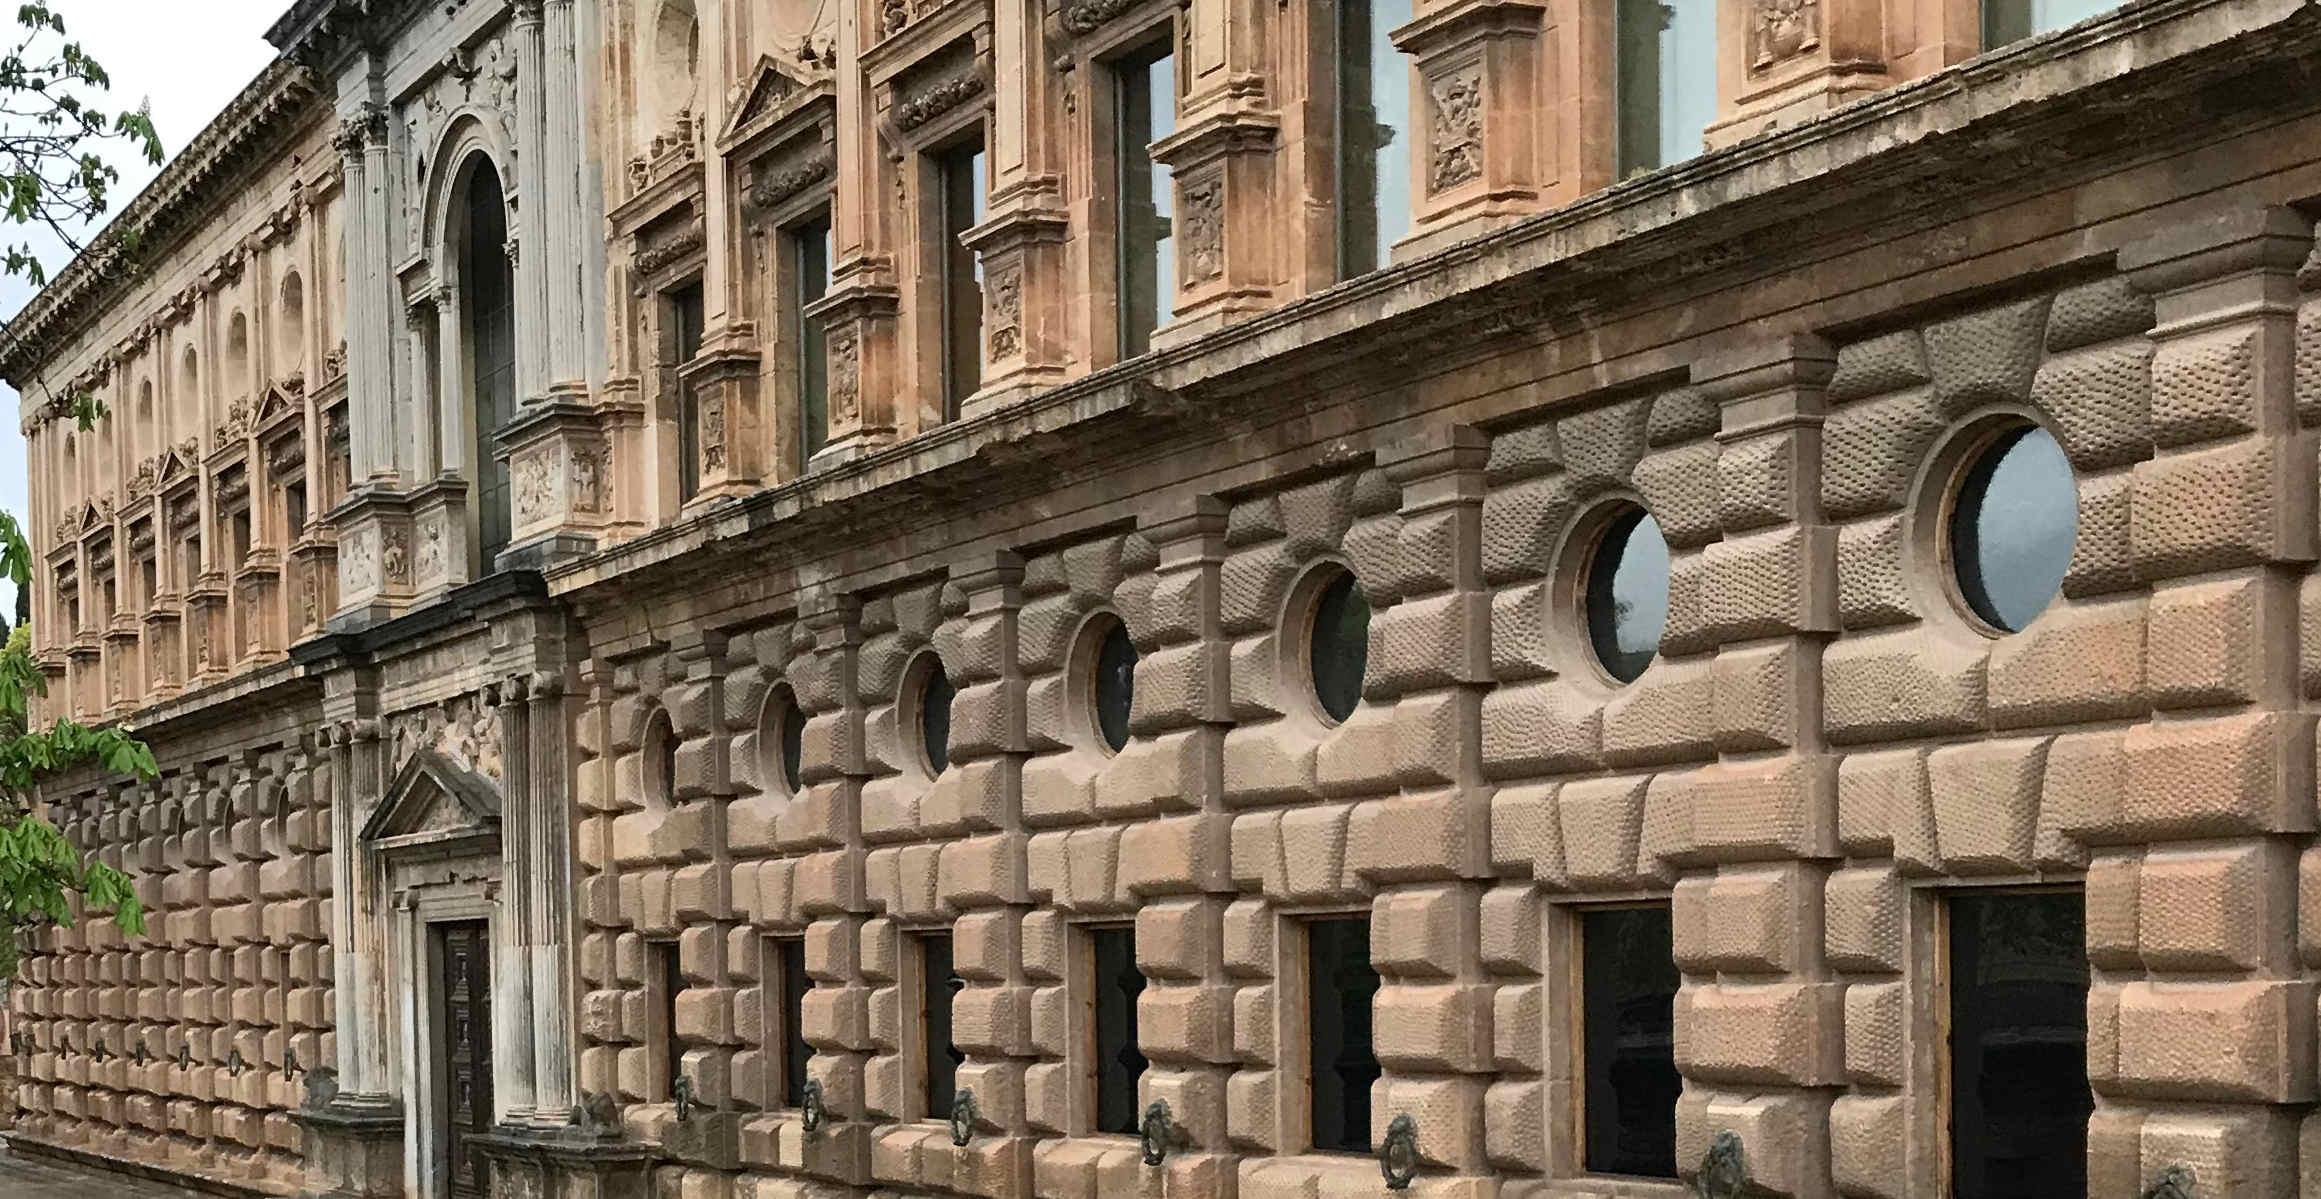 Fachas principal de un palacio estilo italiano, de dos plantas, zona baja almohadillada con ventanas y óculos, zona alta con ventanas y entrada principal hecha en piedra gris con bonitas columnas y relieves en piedra